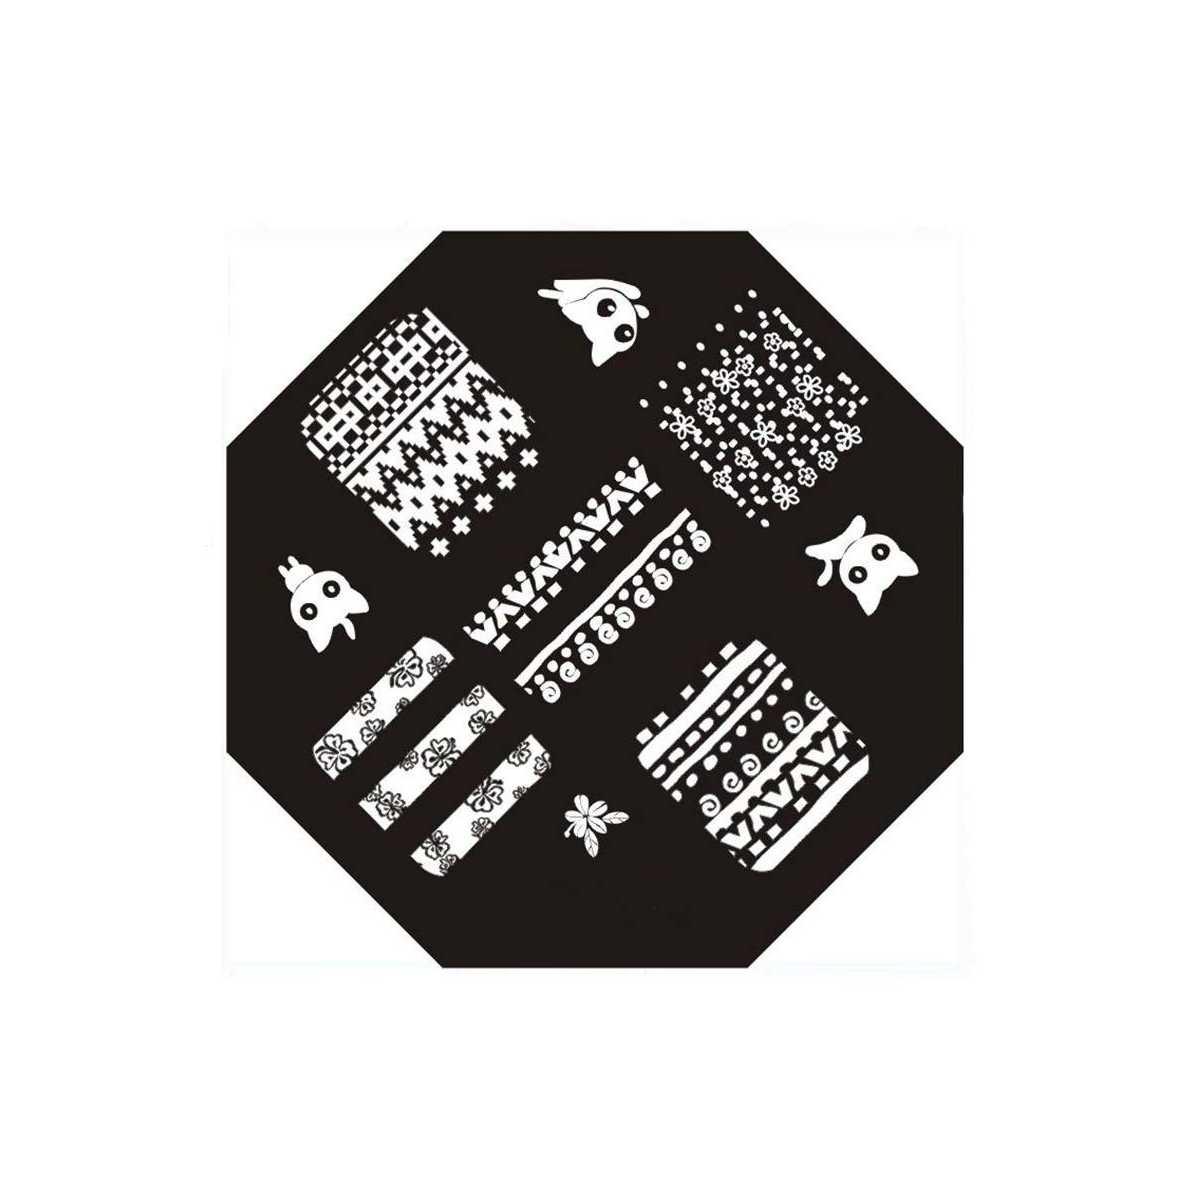 https://www.kit-manucure.com/511-thickbox_default/plaque-de-stamping-chat-motif-aztèque-et-fleur.jpg